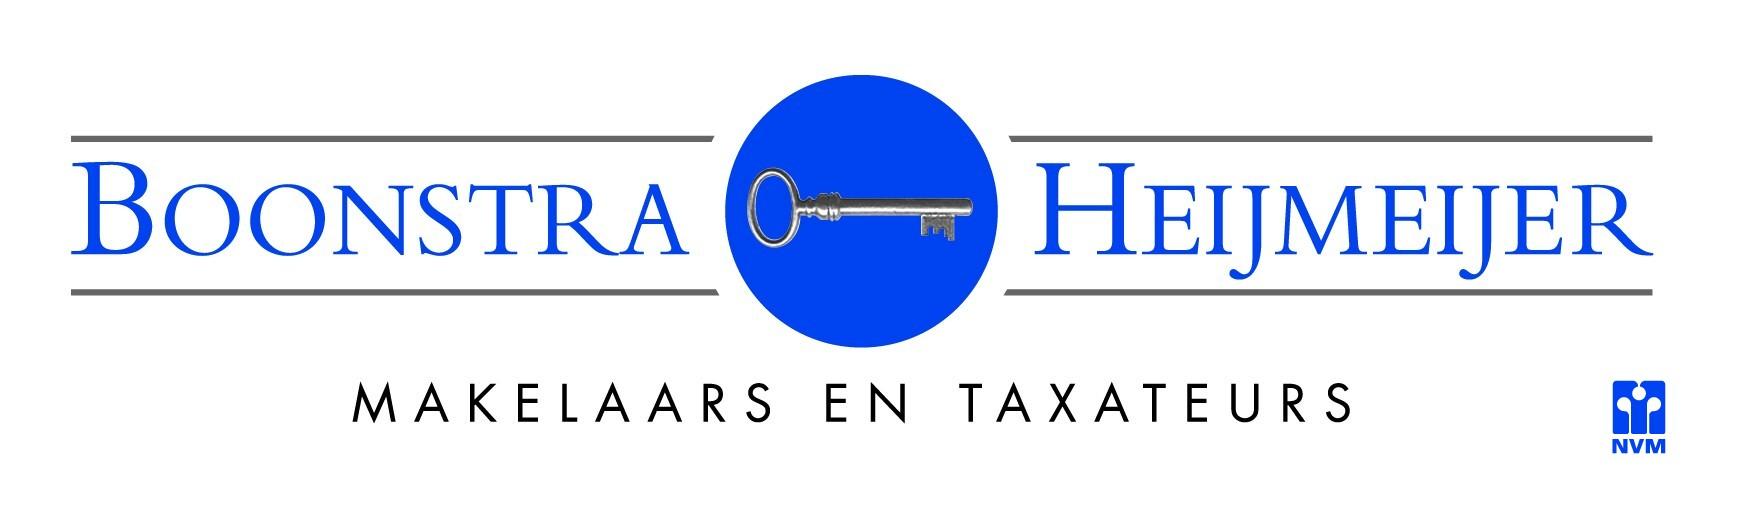 Boonstra - Heijmeijer | Makelaars en Taxateurs